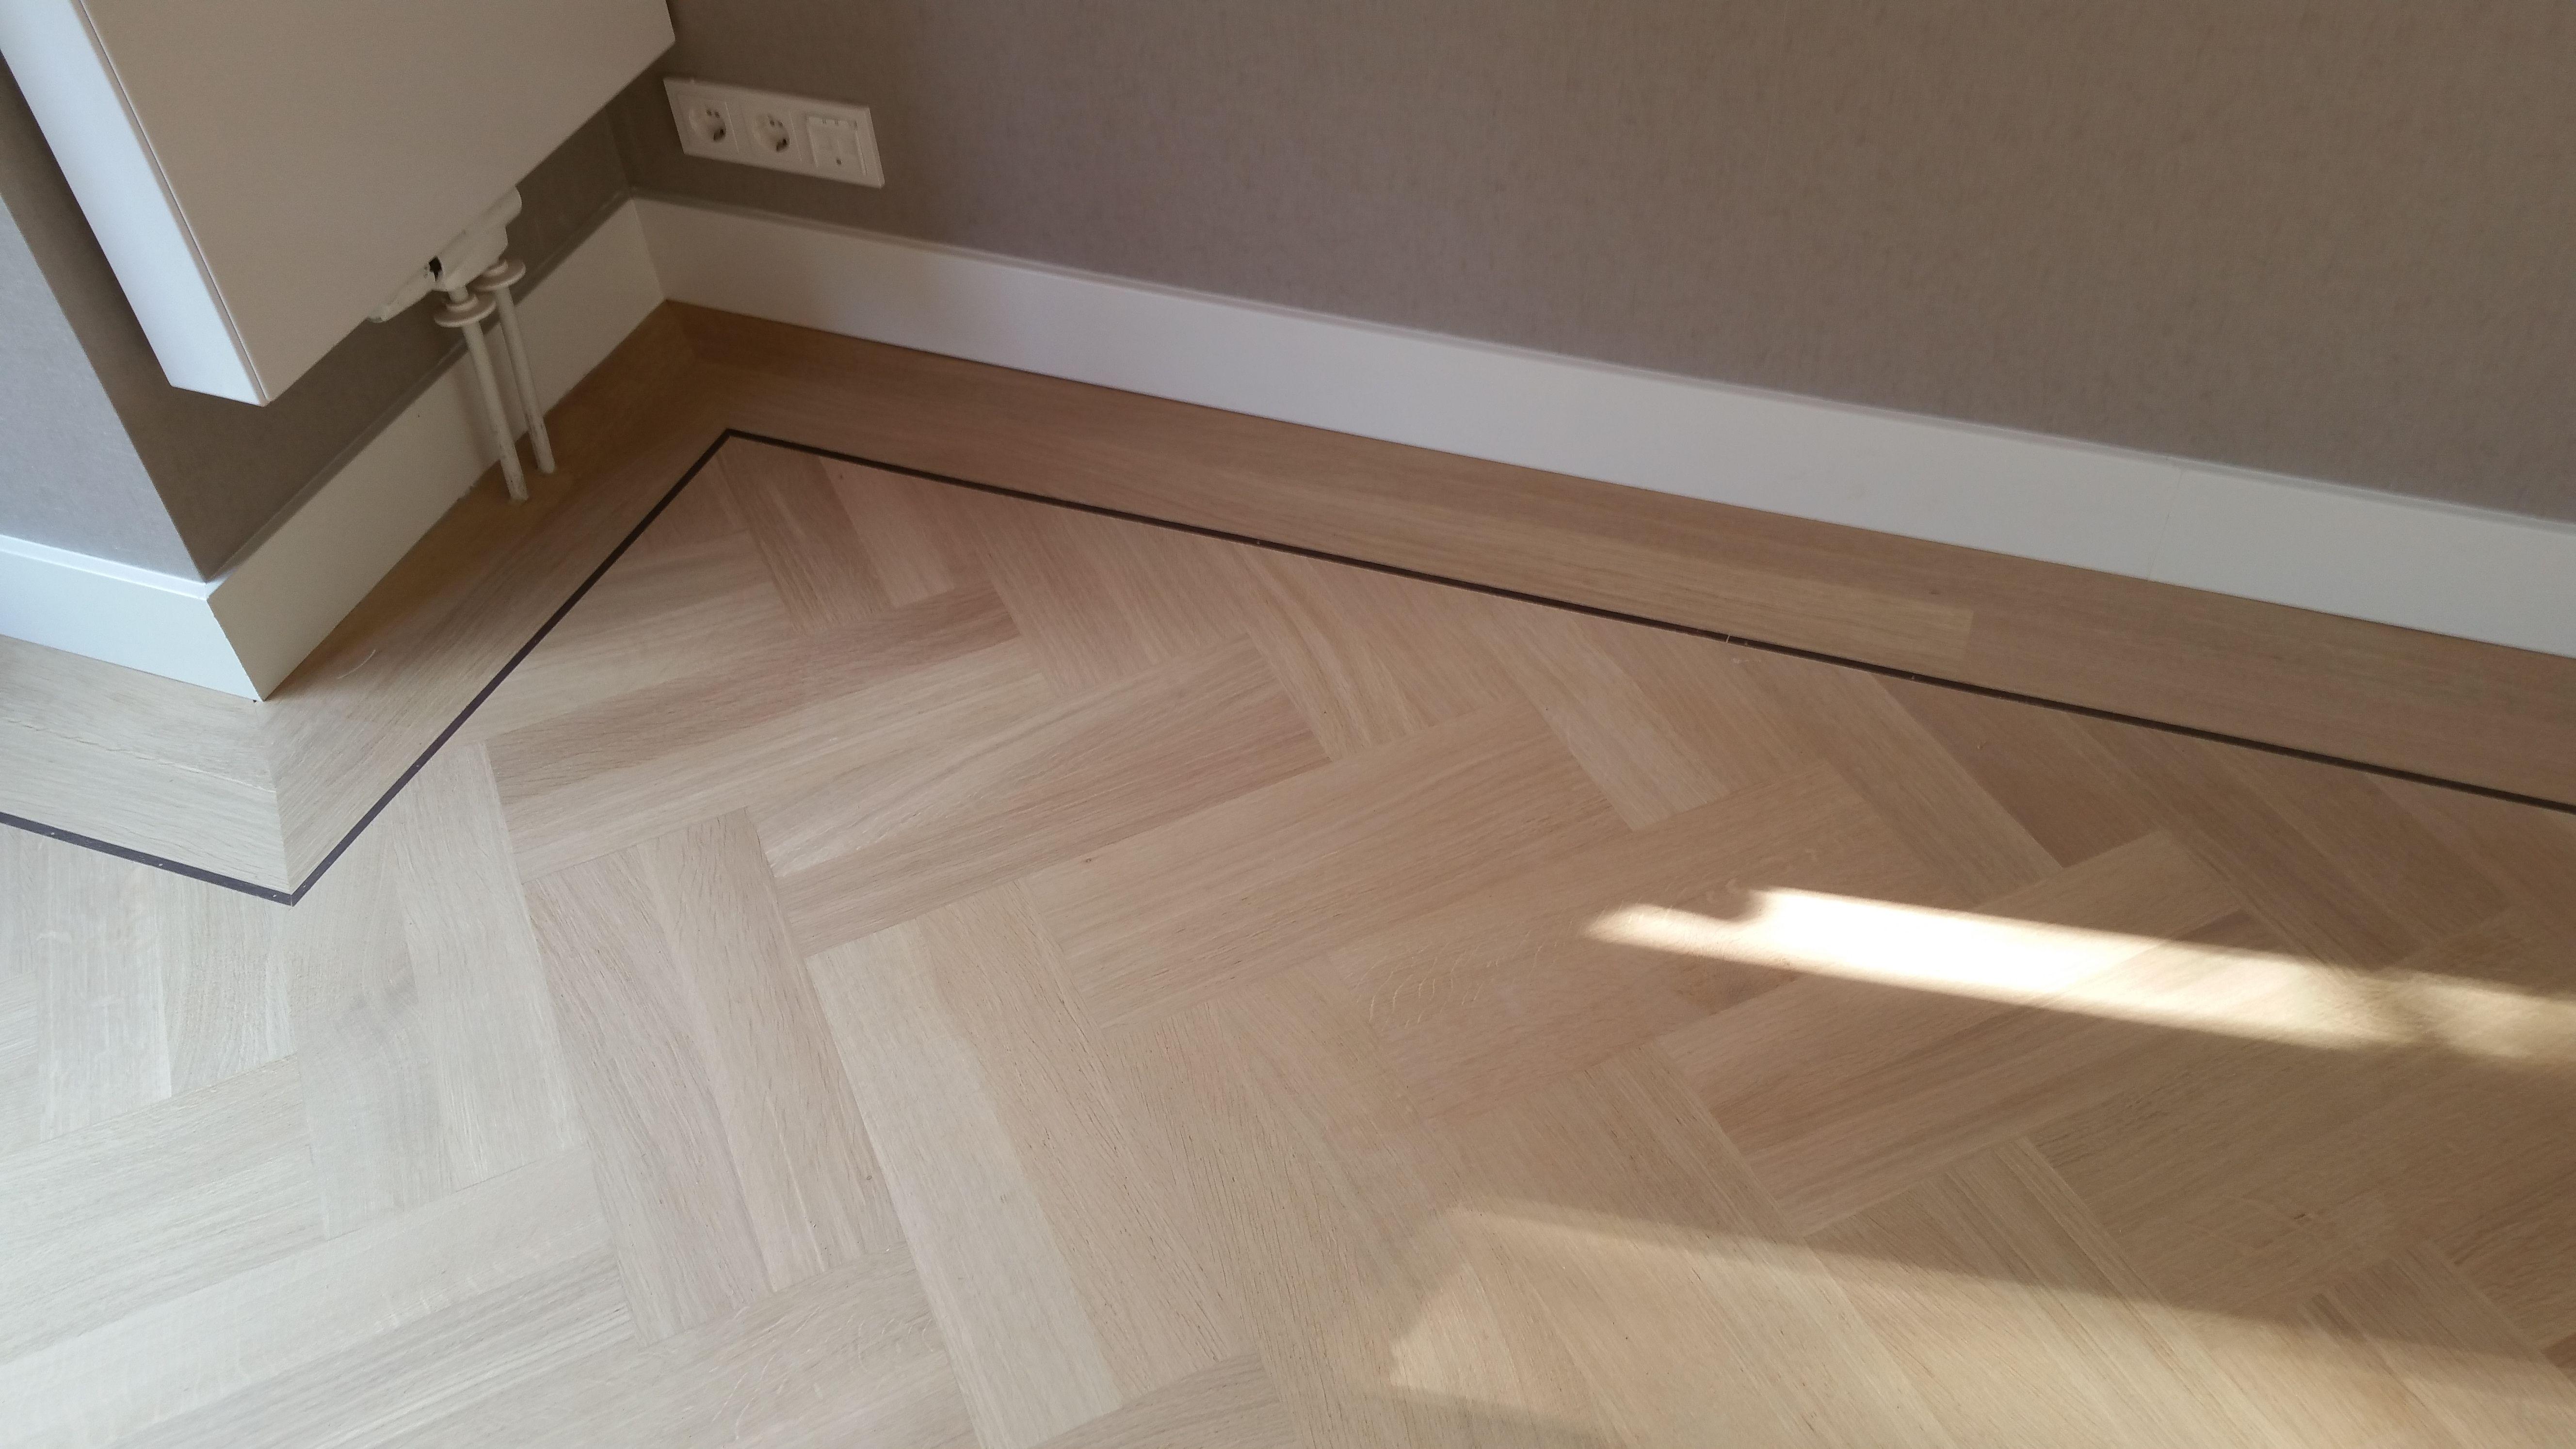 Moderne Visgraat Vloer : Eiken visgraat vloer afwerking tover essenza interior dreams